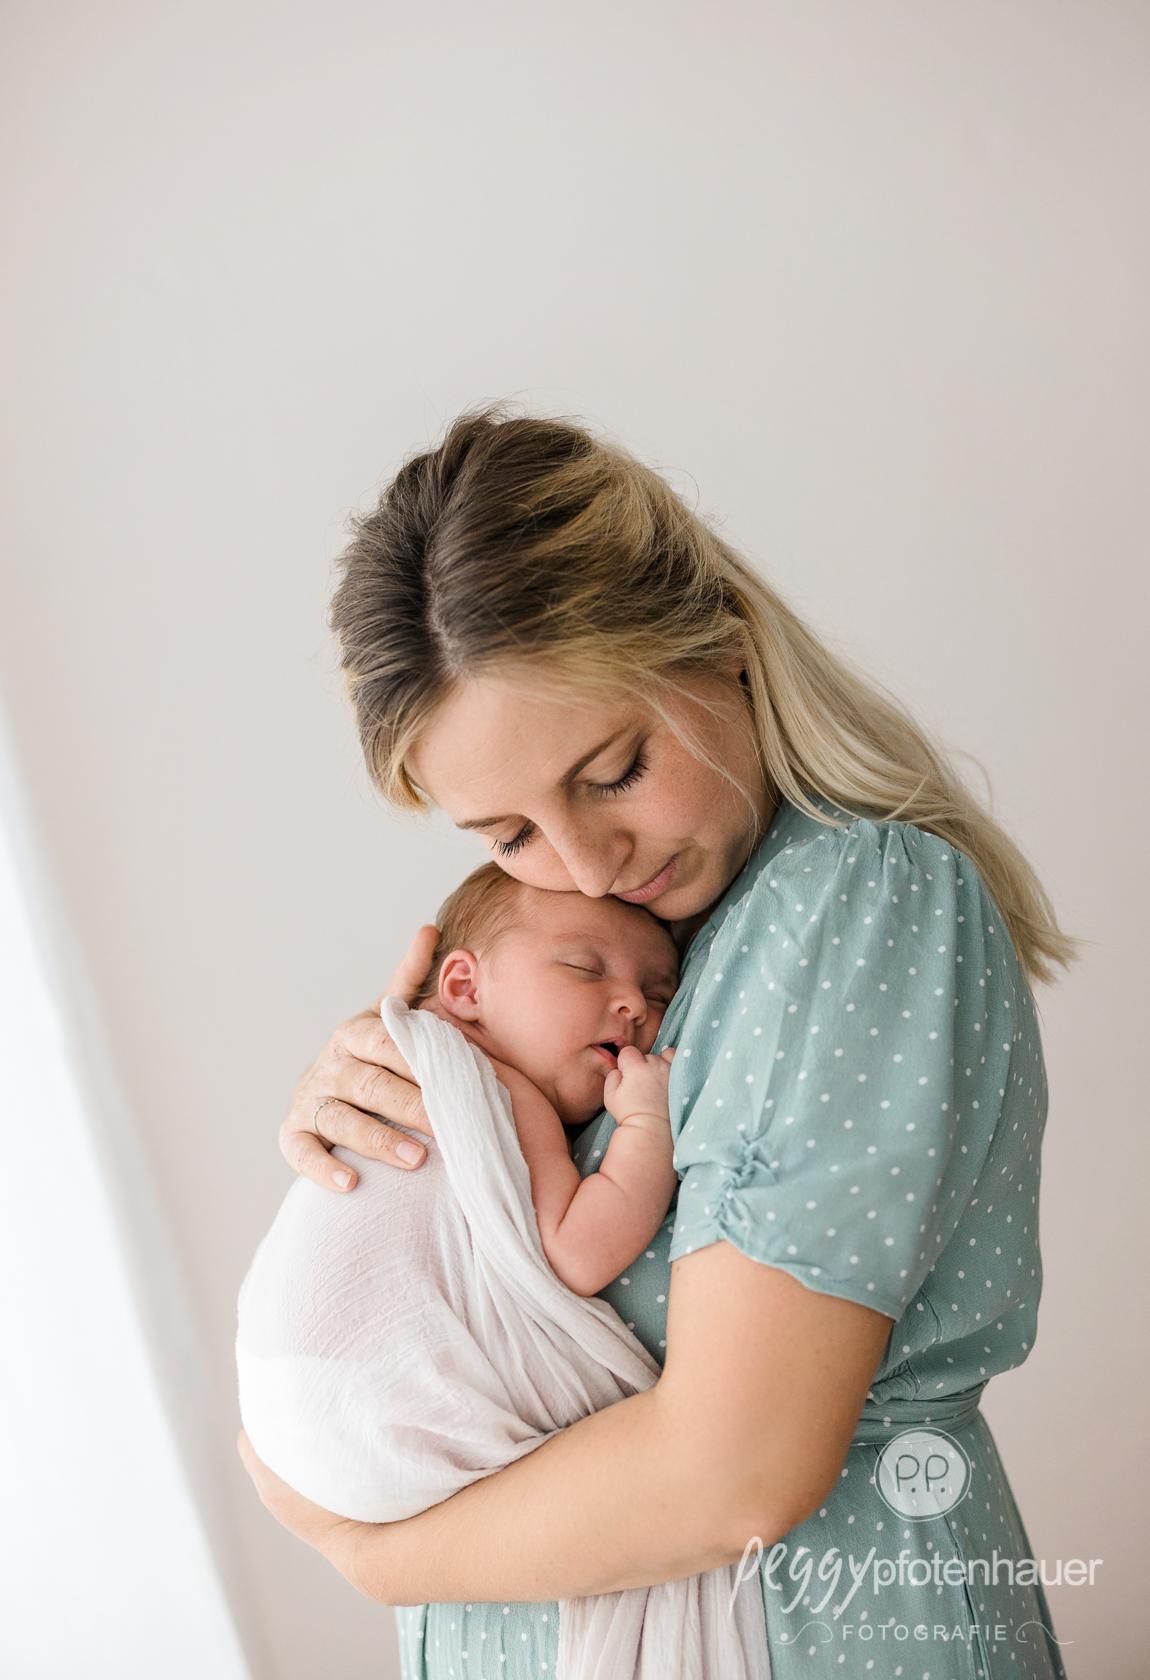 Kuschelbilder mit Baby